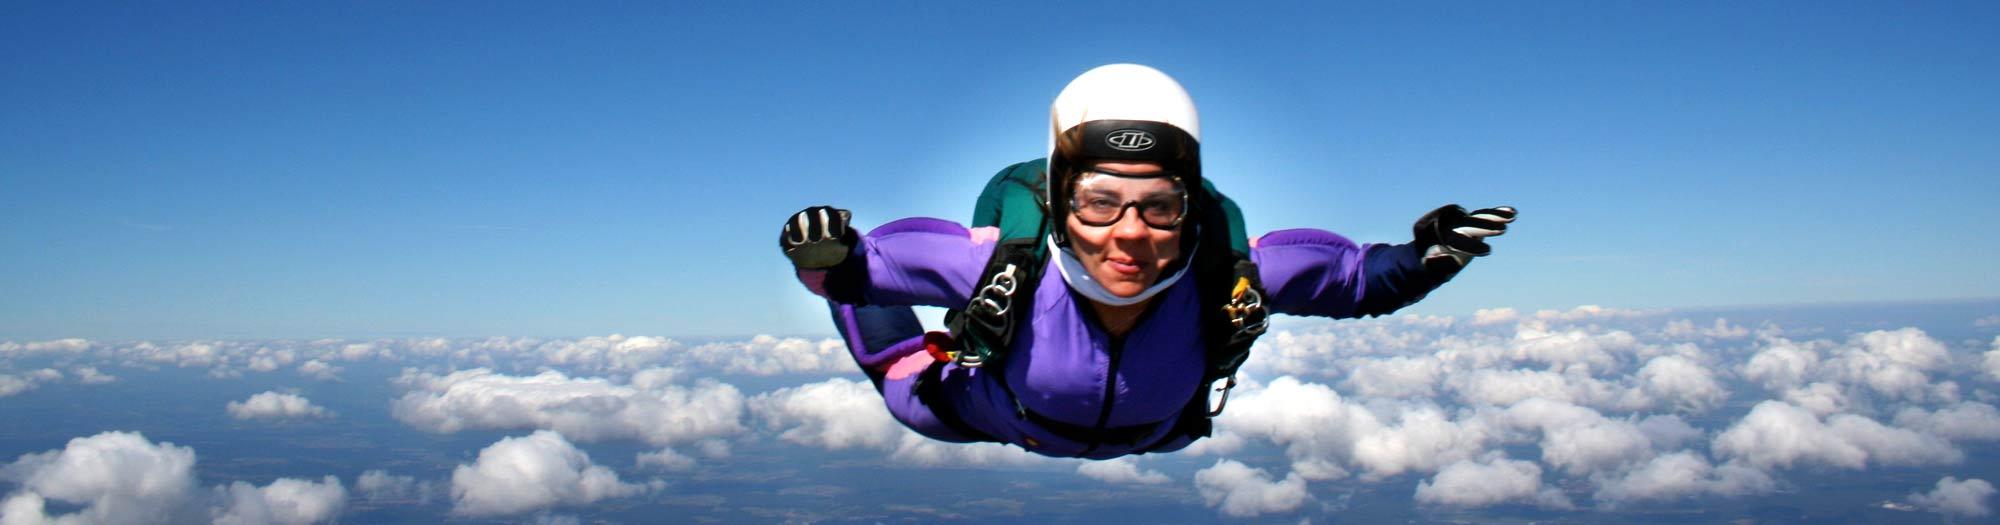 Fallschirmschüler beim Fallschirmsprung